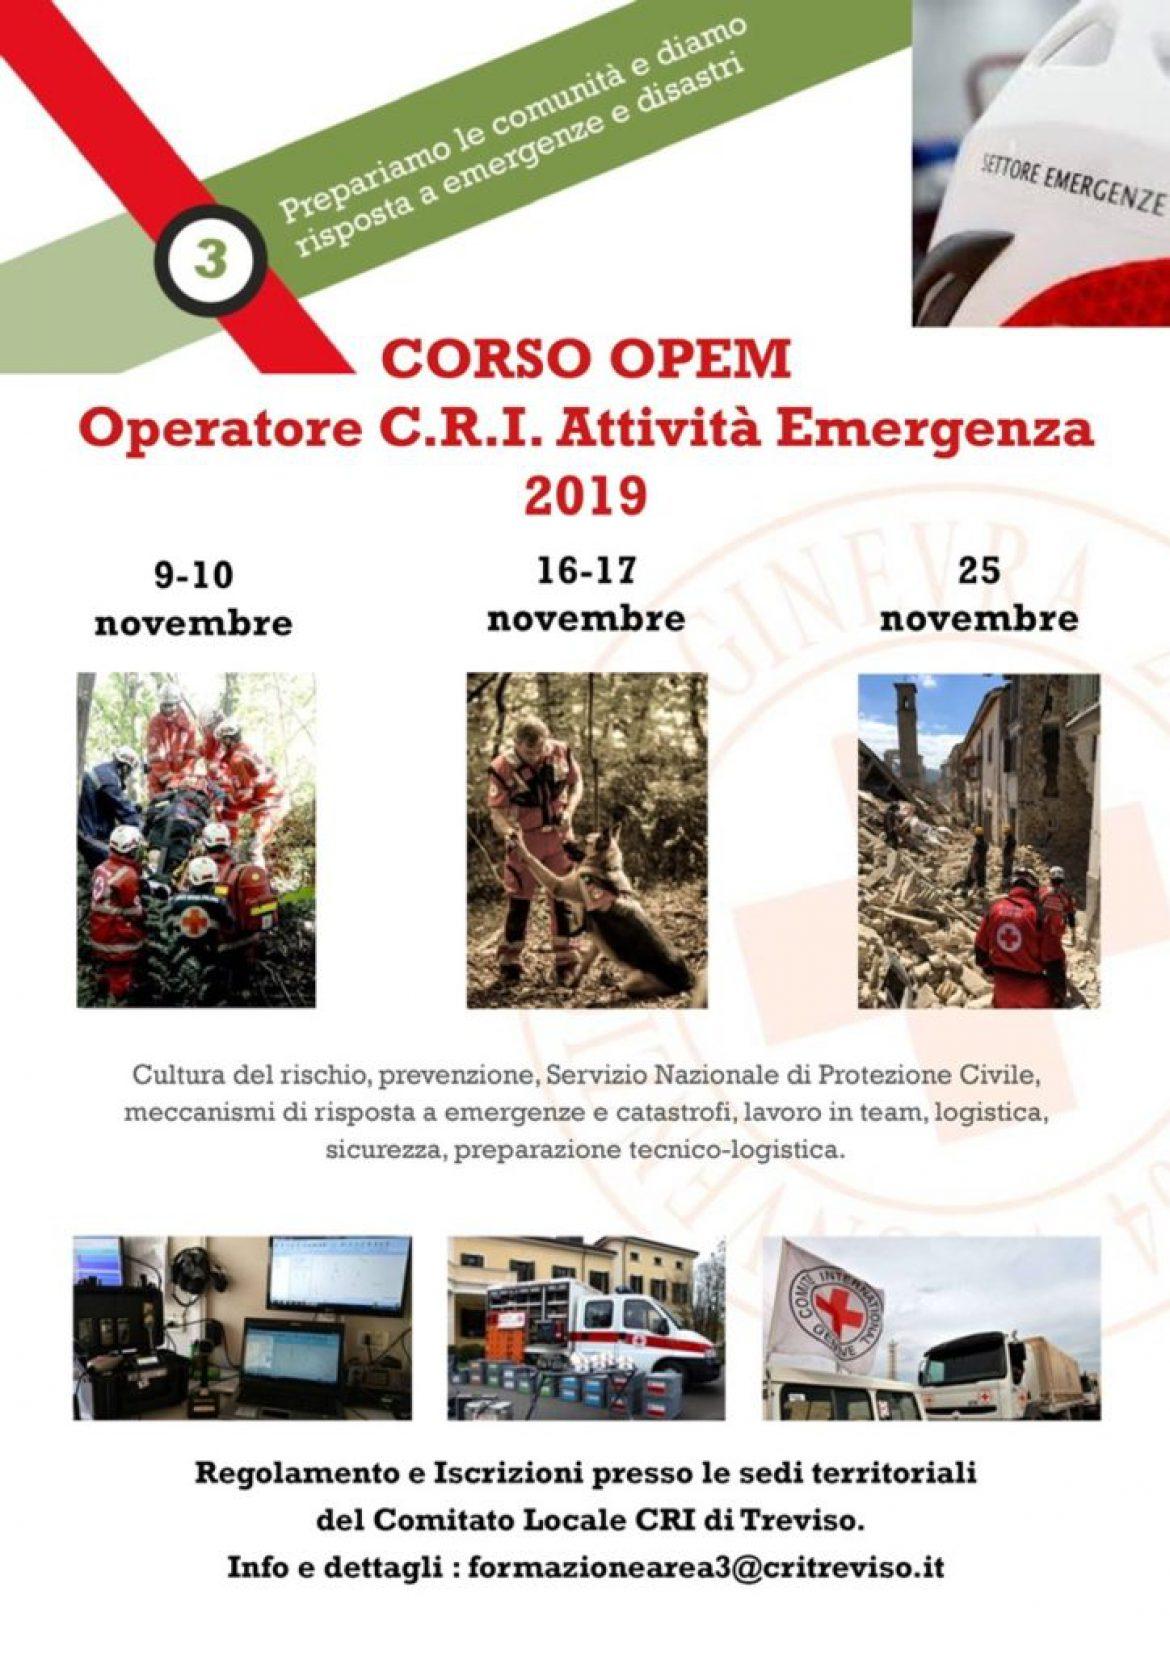 Corso OPEM – Operatore CRI Attività Emergenza